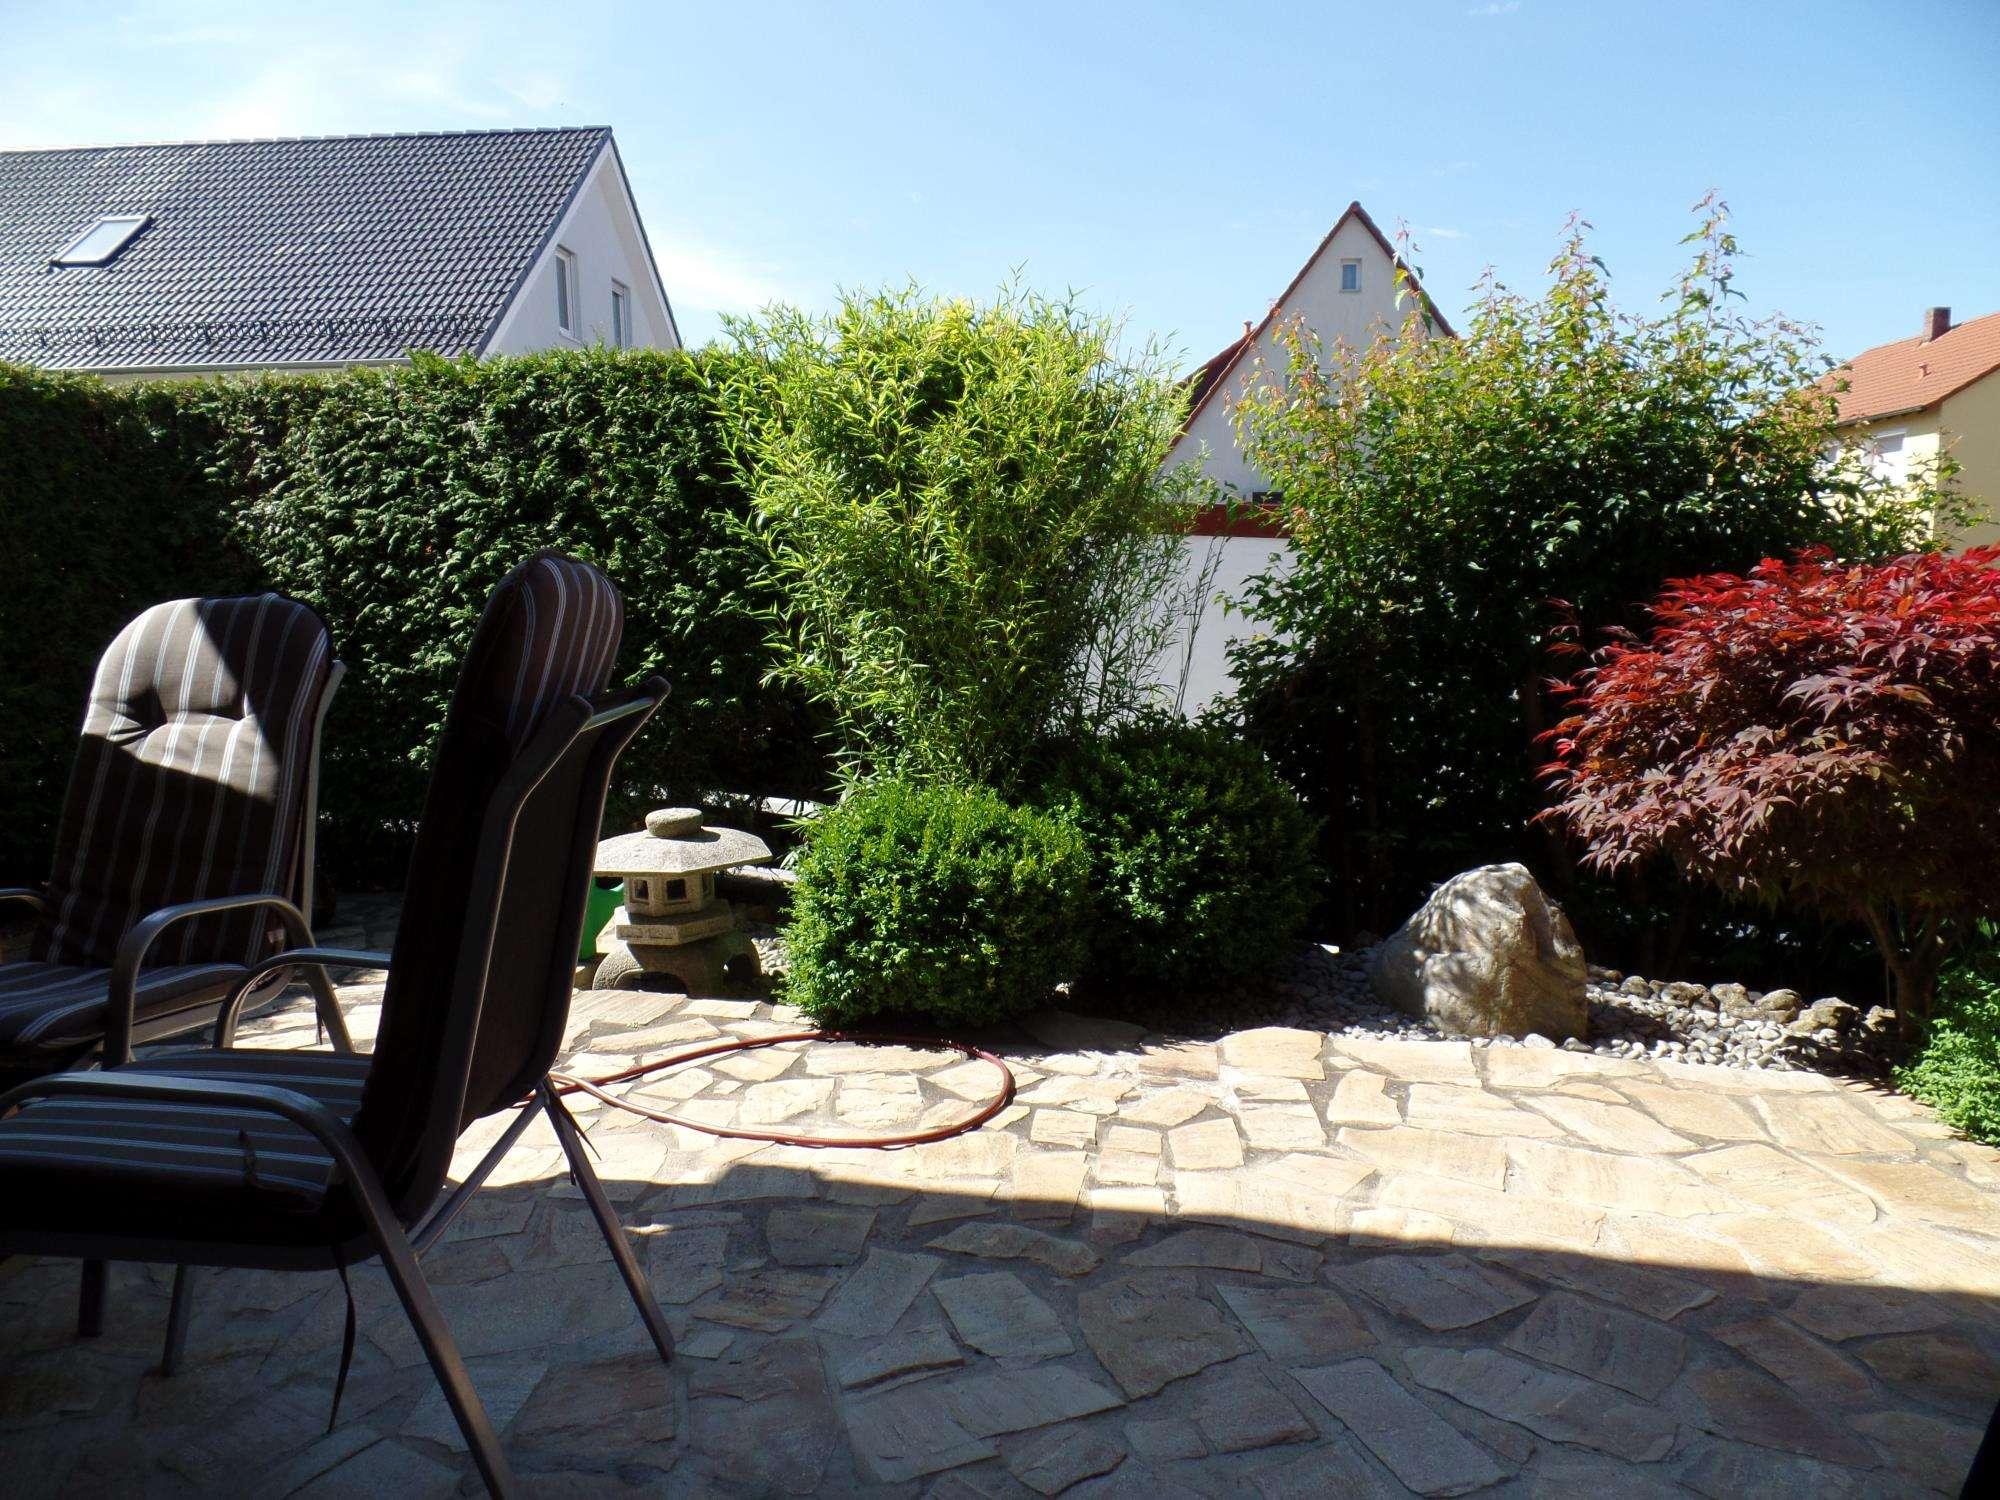 Repräsentativ mit Terrasse und Japanischem Garten in Herzogenaurach